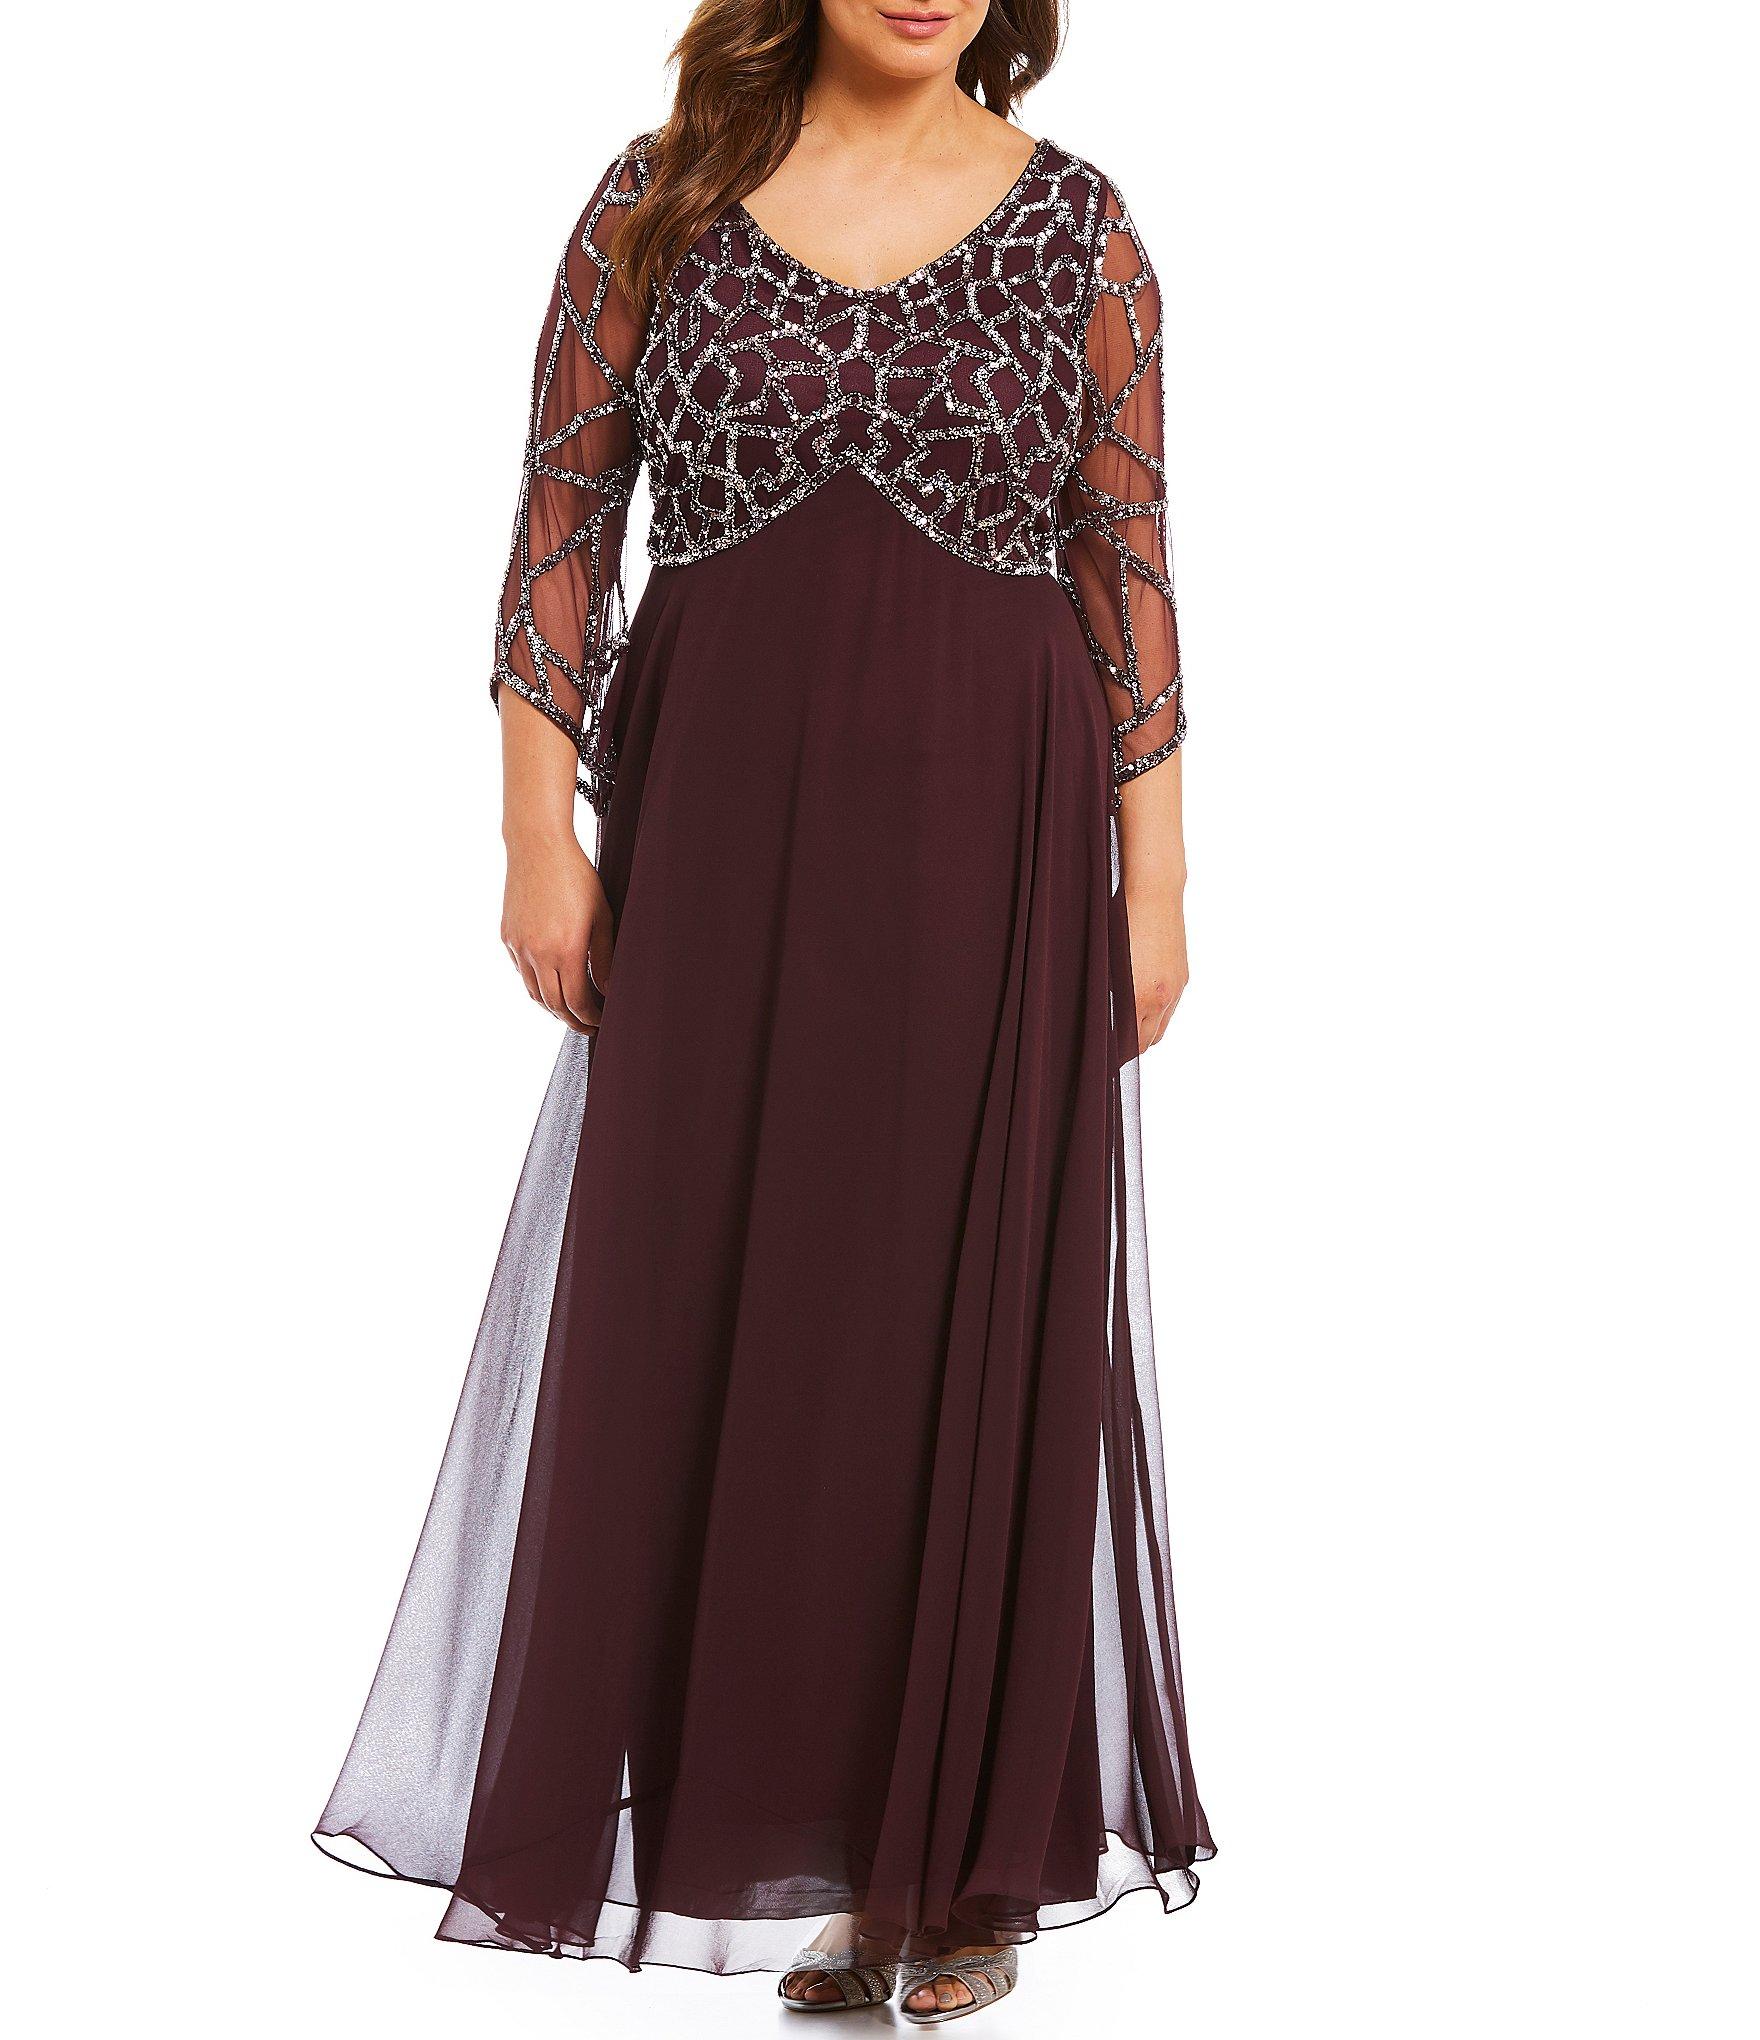 J kara blue dresses maxi